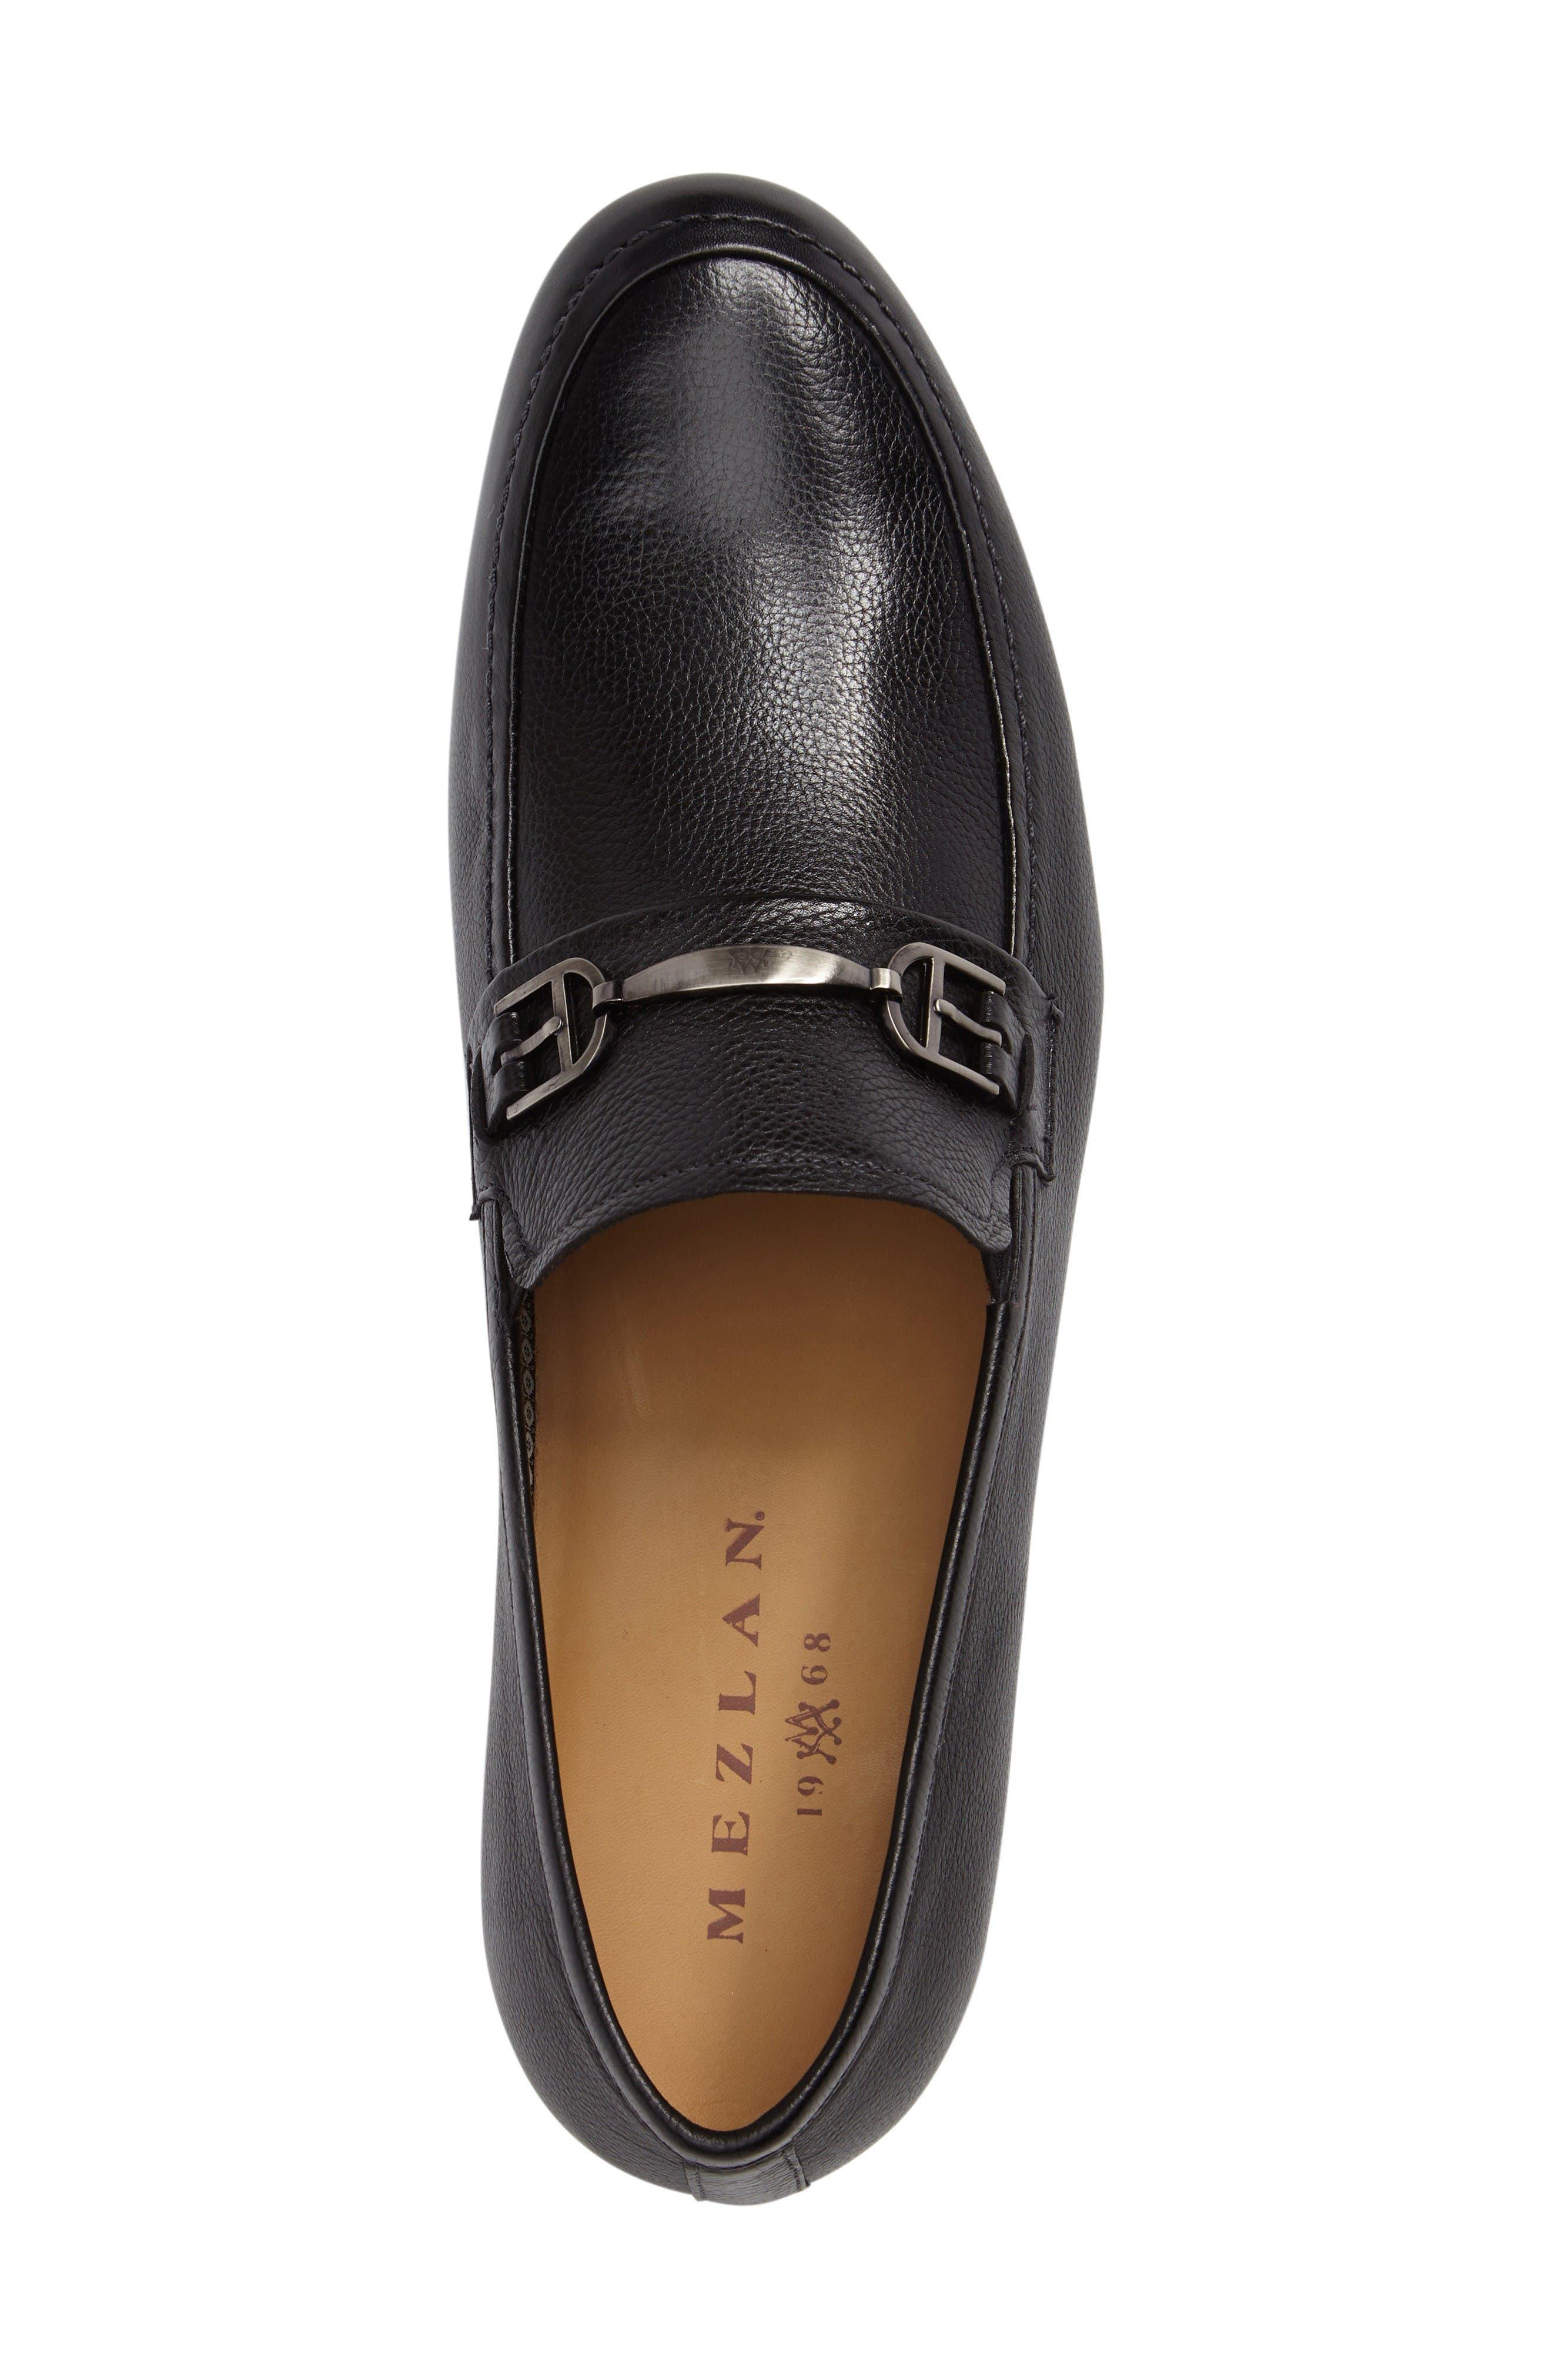 Binet Bit Loafer,                             Alternate thumbnail 5, color,                             Black Leather